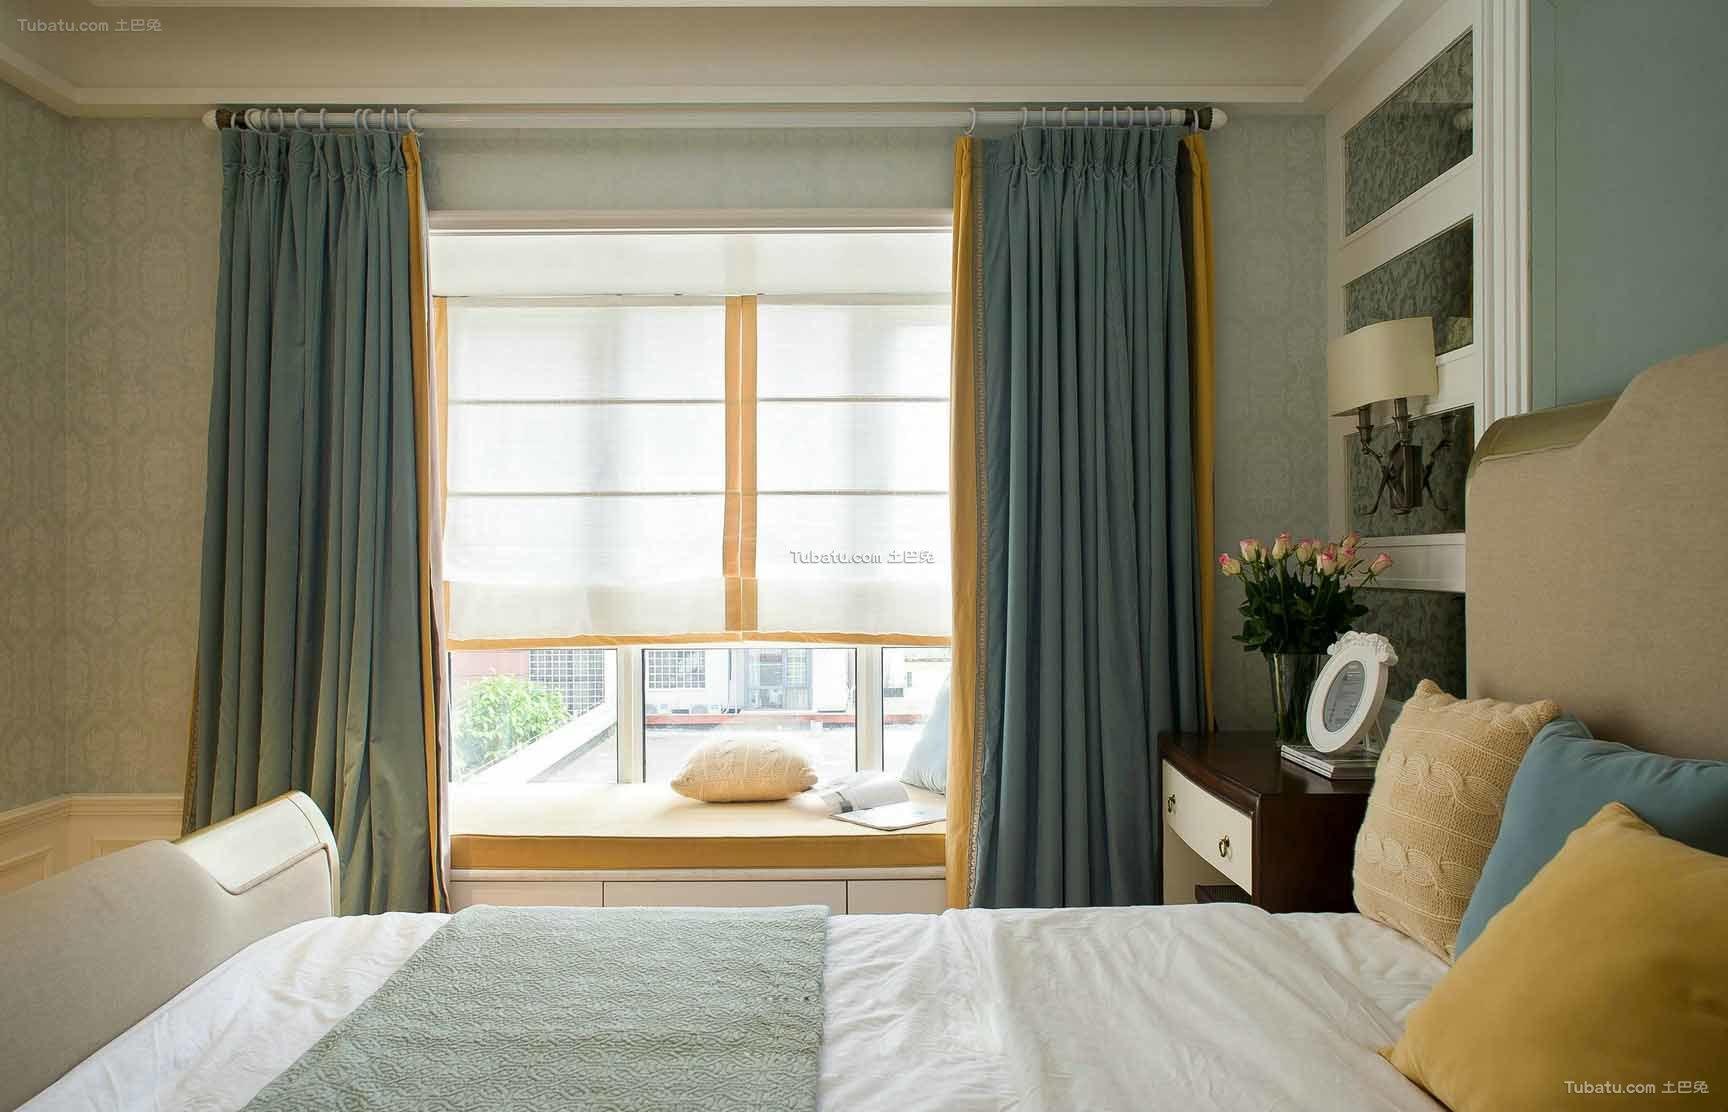 美式装修设计温馨卧室窗帘